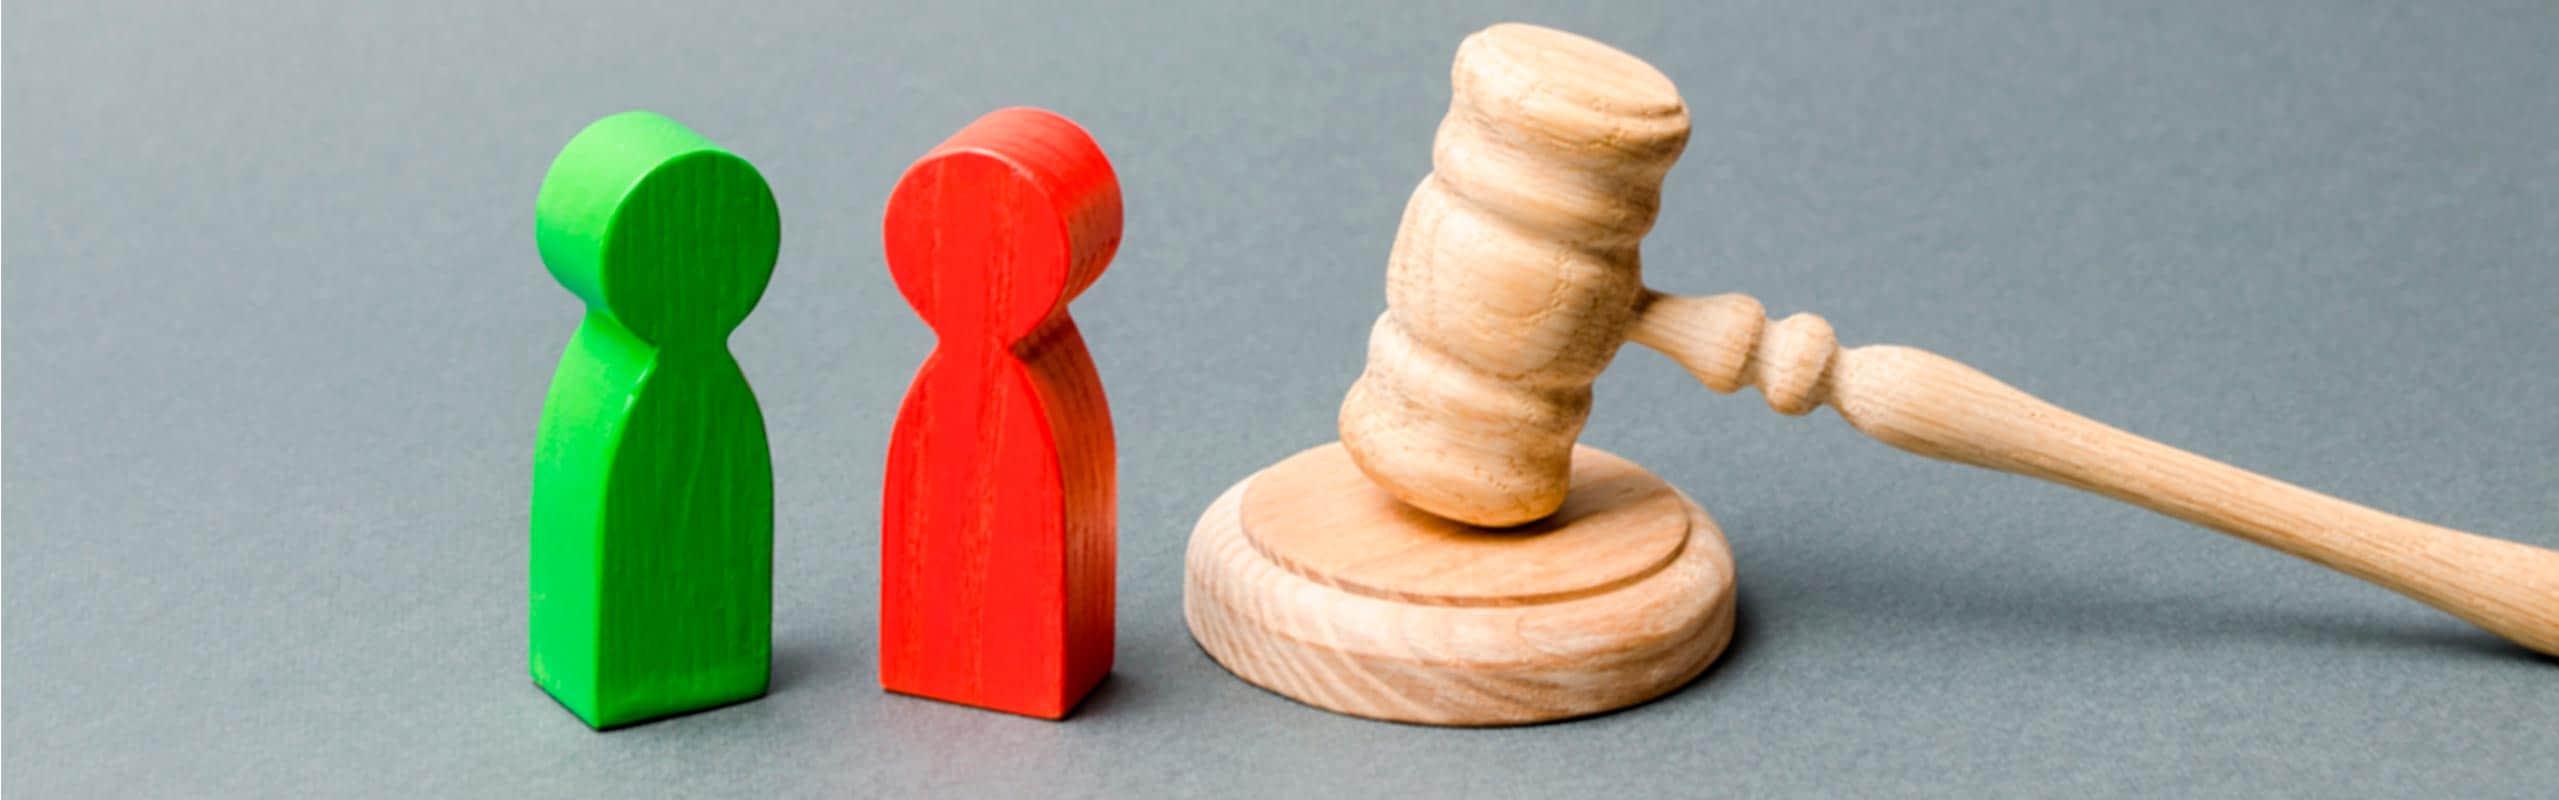 Descibre la importancia de la gestión de conflictos